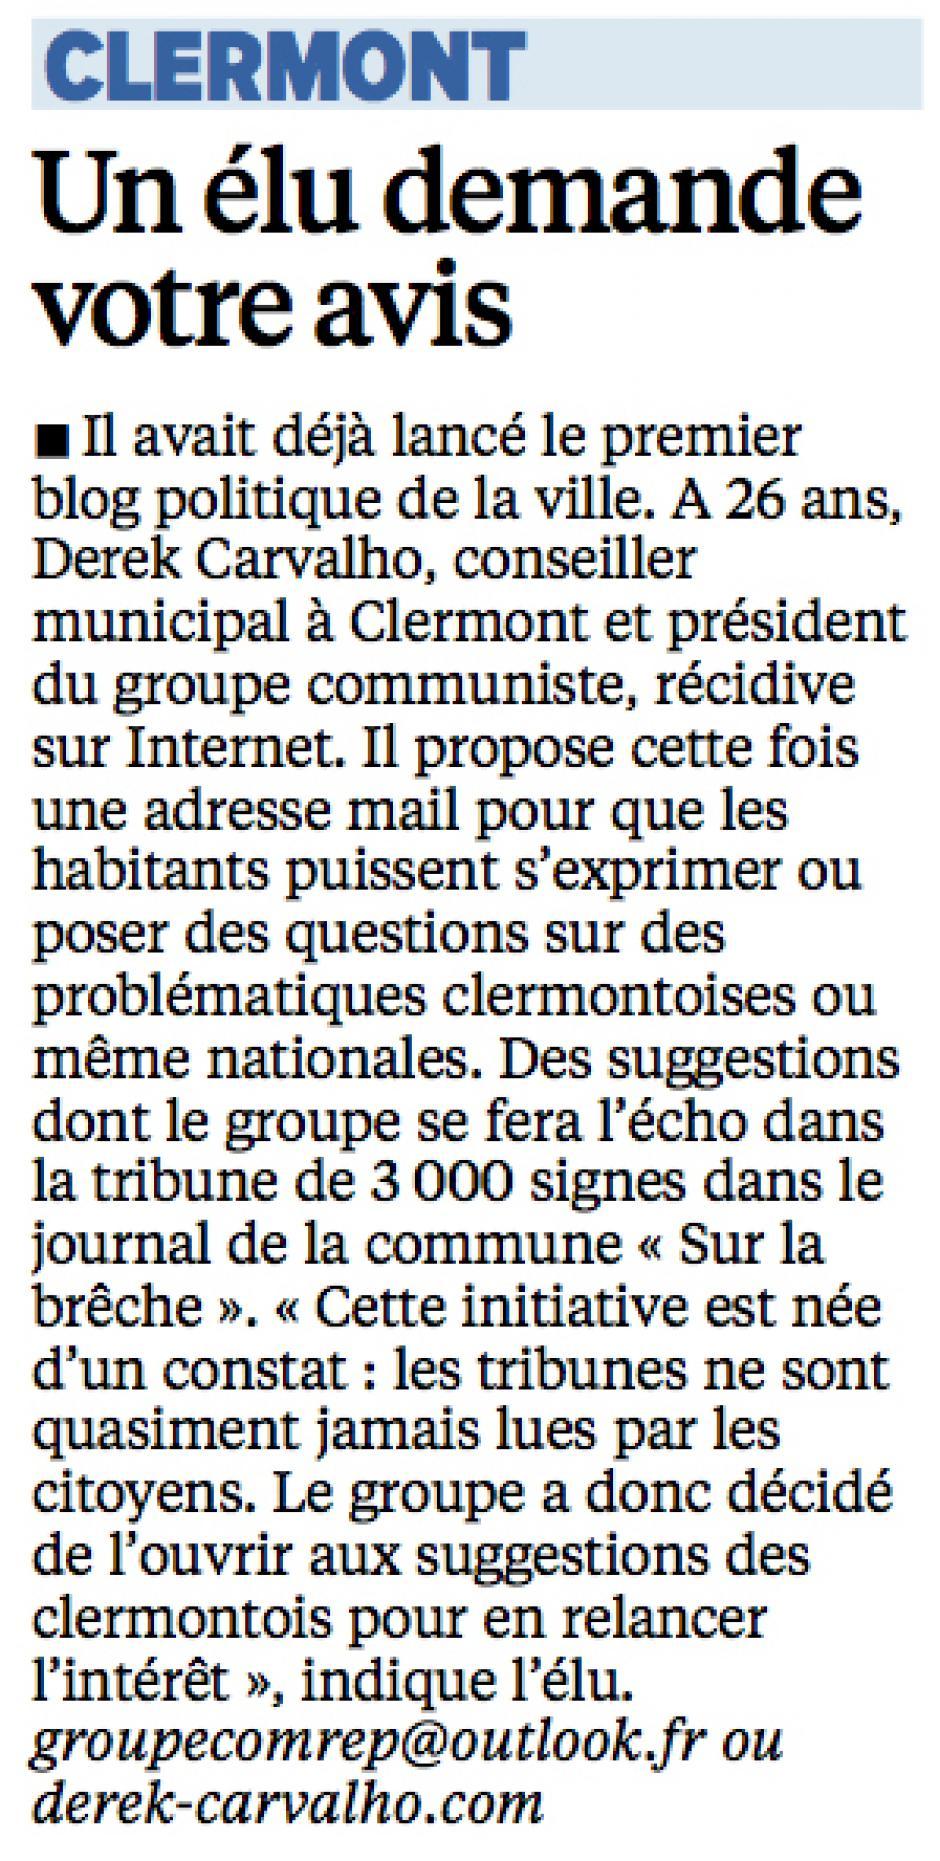 20141021-LeP-Clermont-Un élu demande votre avis [Derek Carvalho]